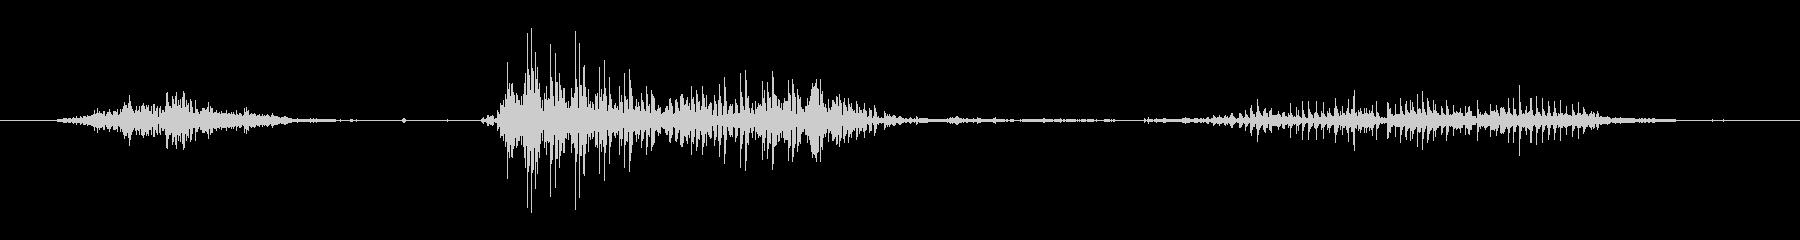 犬 チワワスナールファイトソフト01の未再生の波形